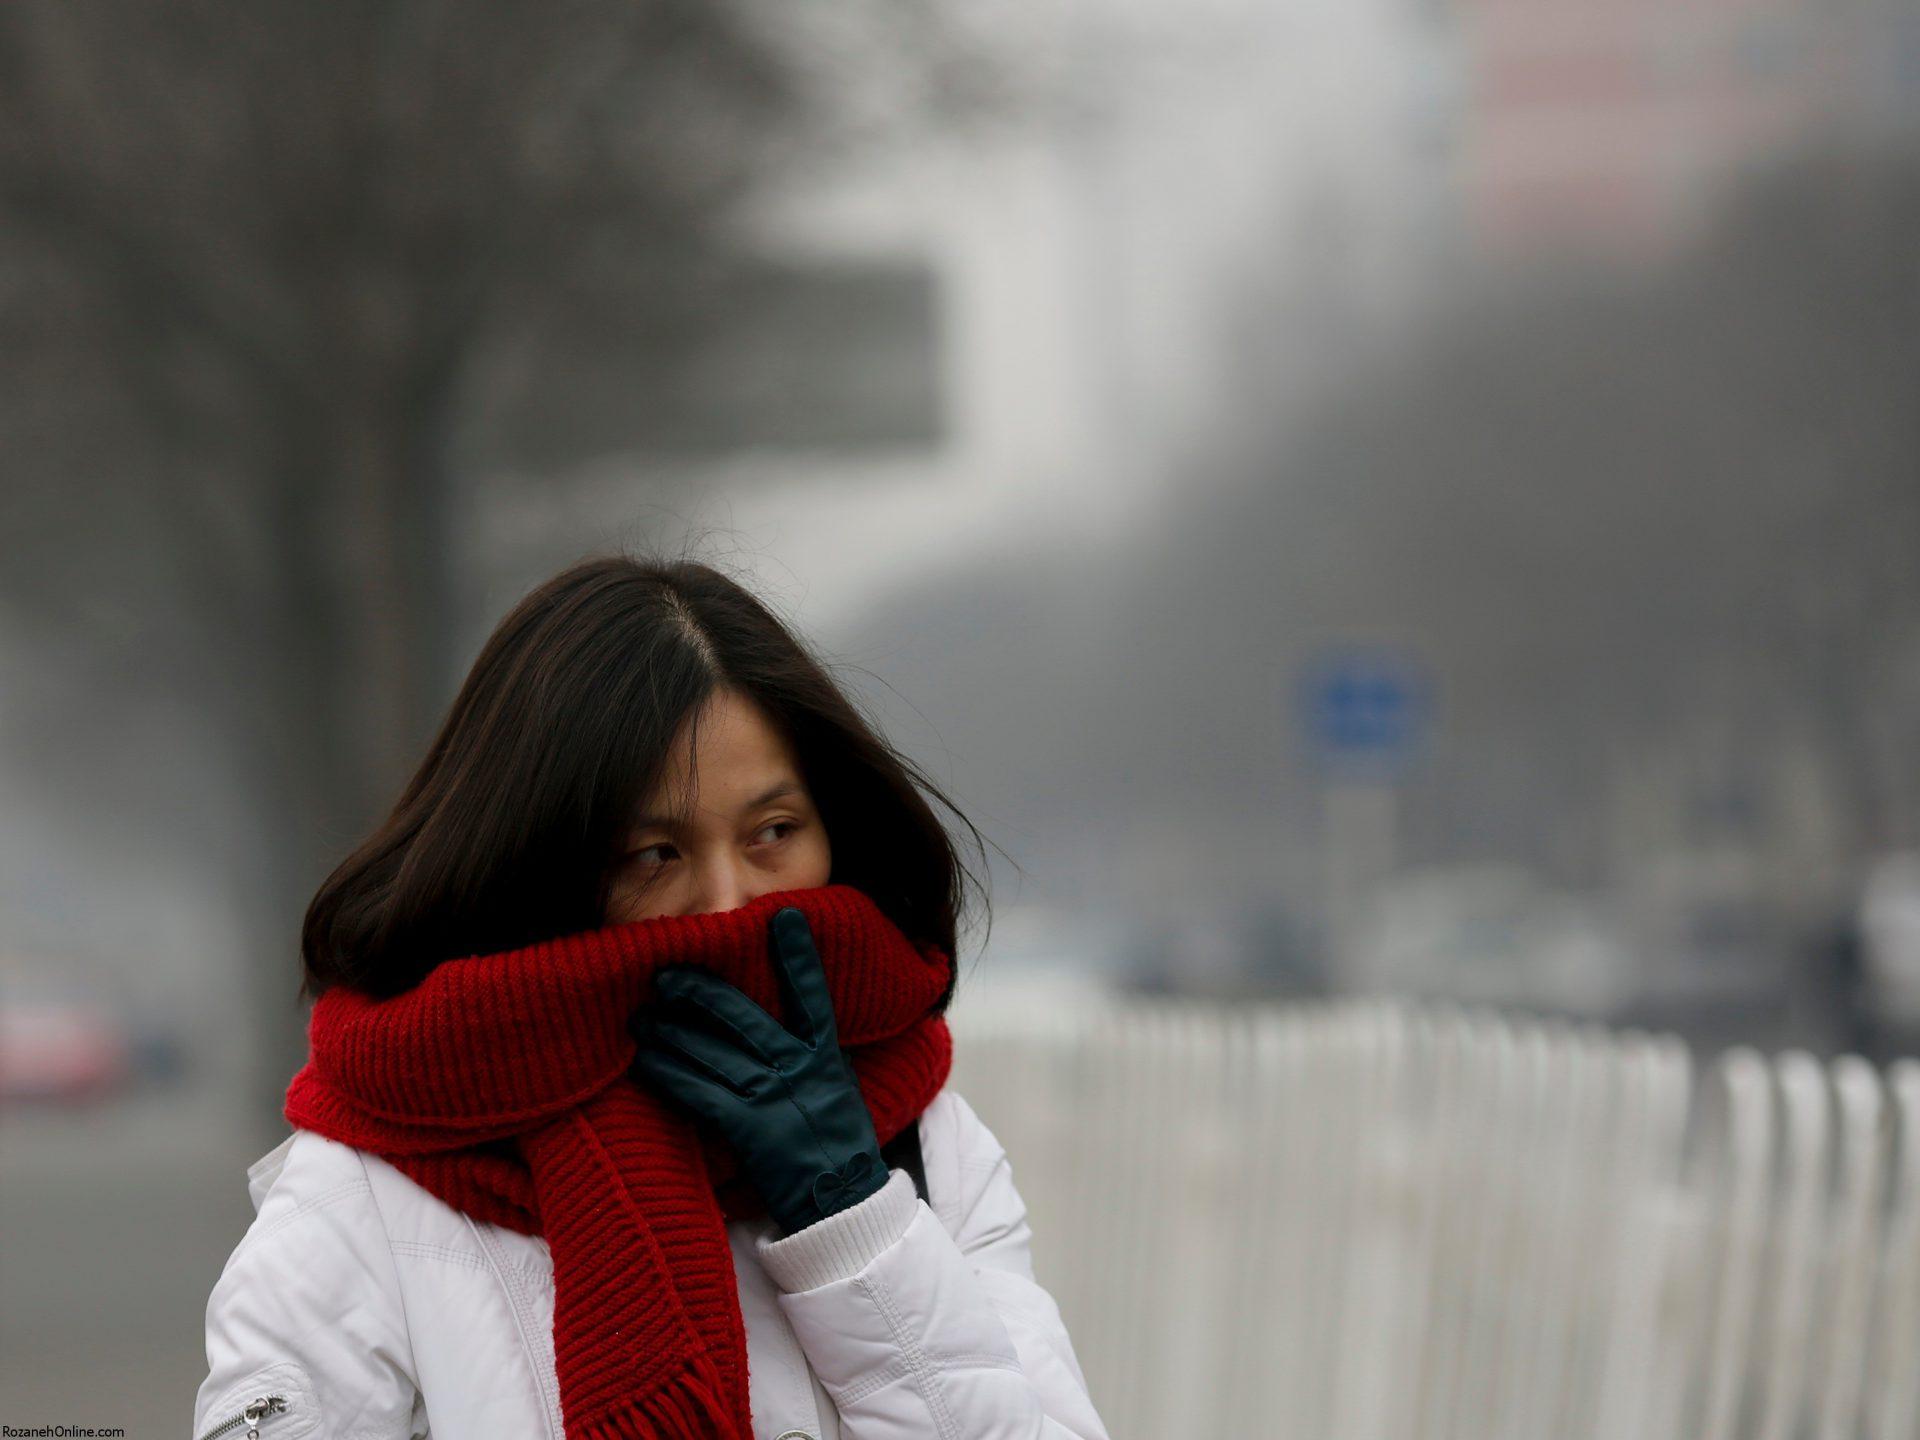 انواع آسیب های پوستی با آلوده شدن هوا